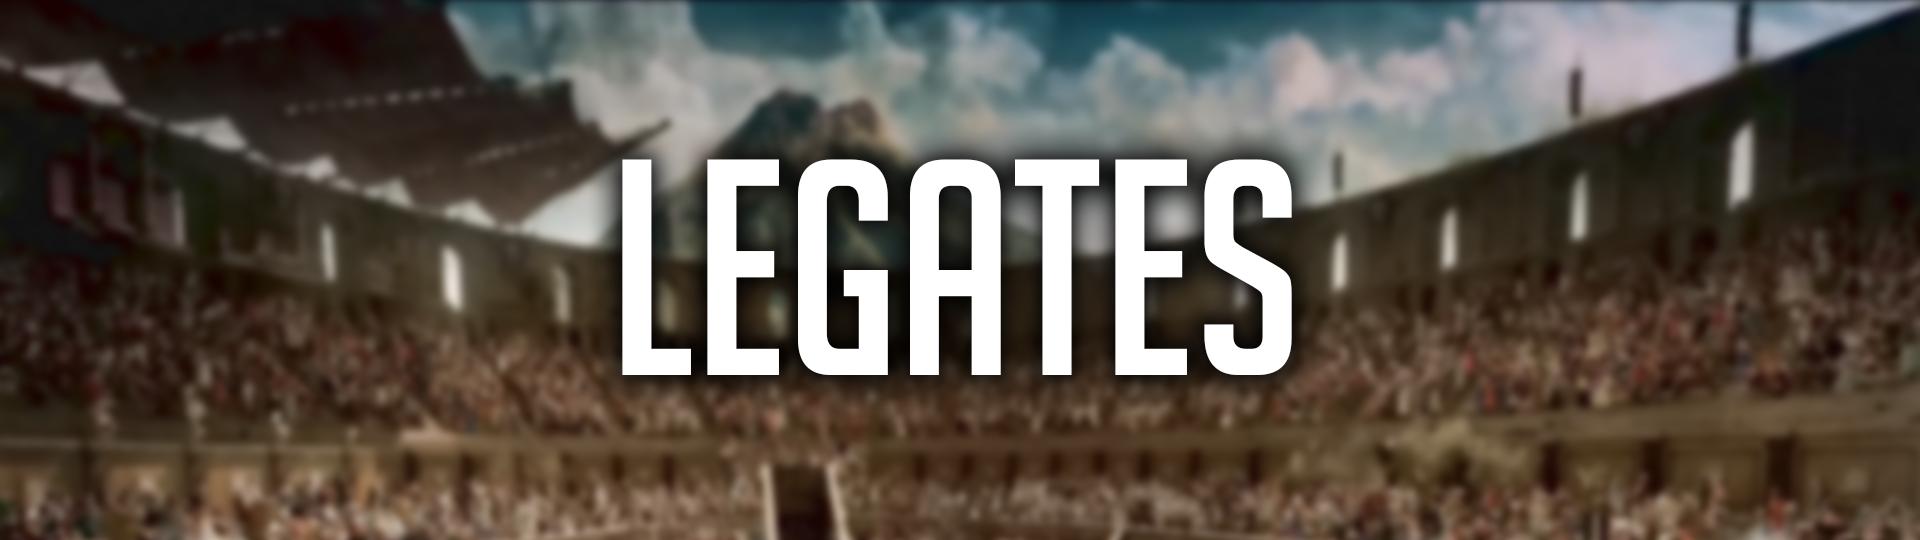 Legates.png